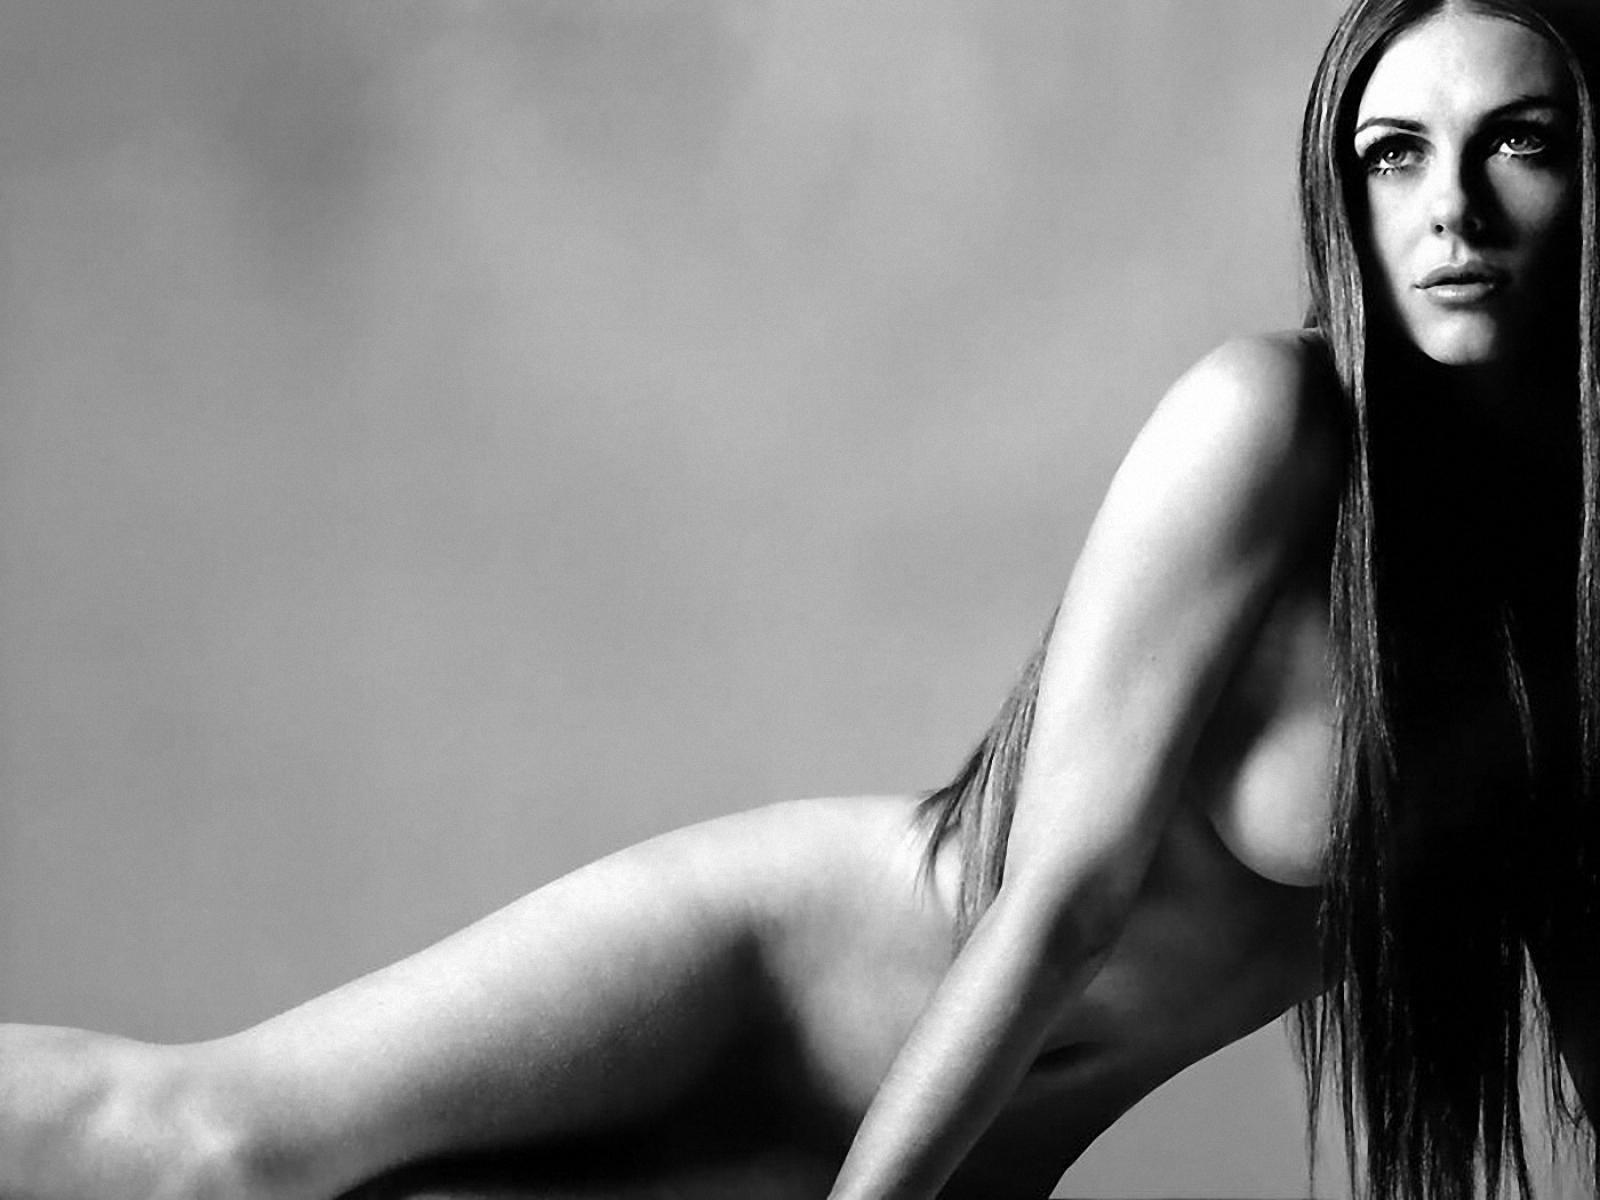 Элизабет хёрли фото голая 17 фотография